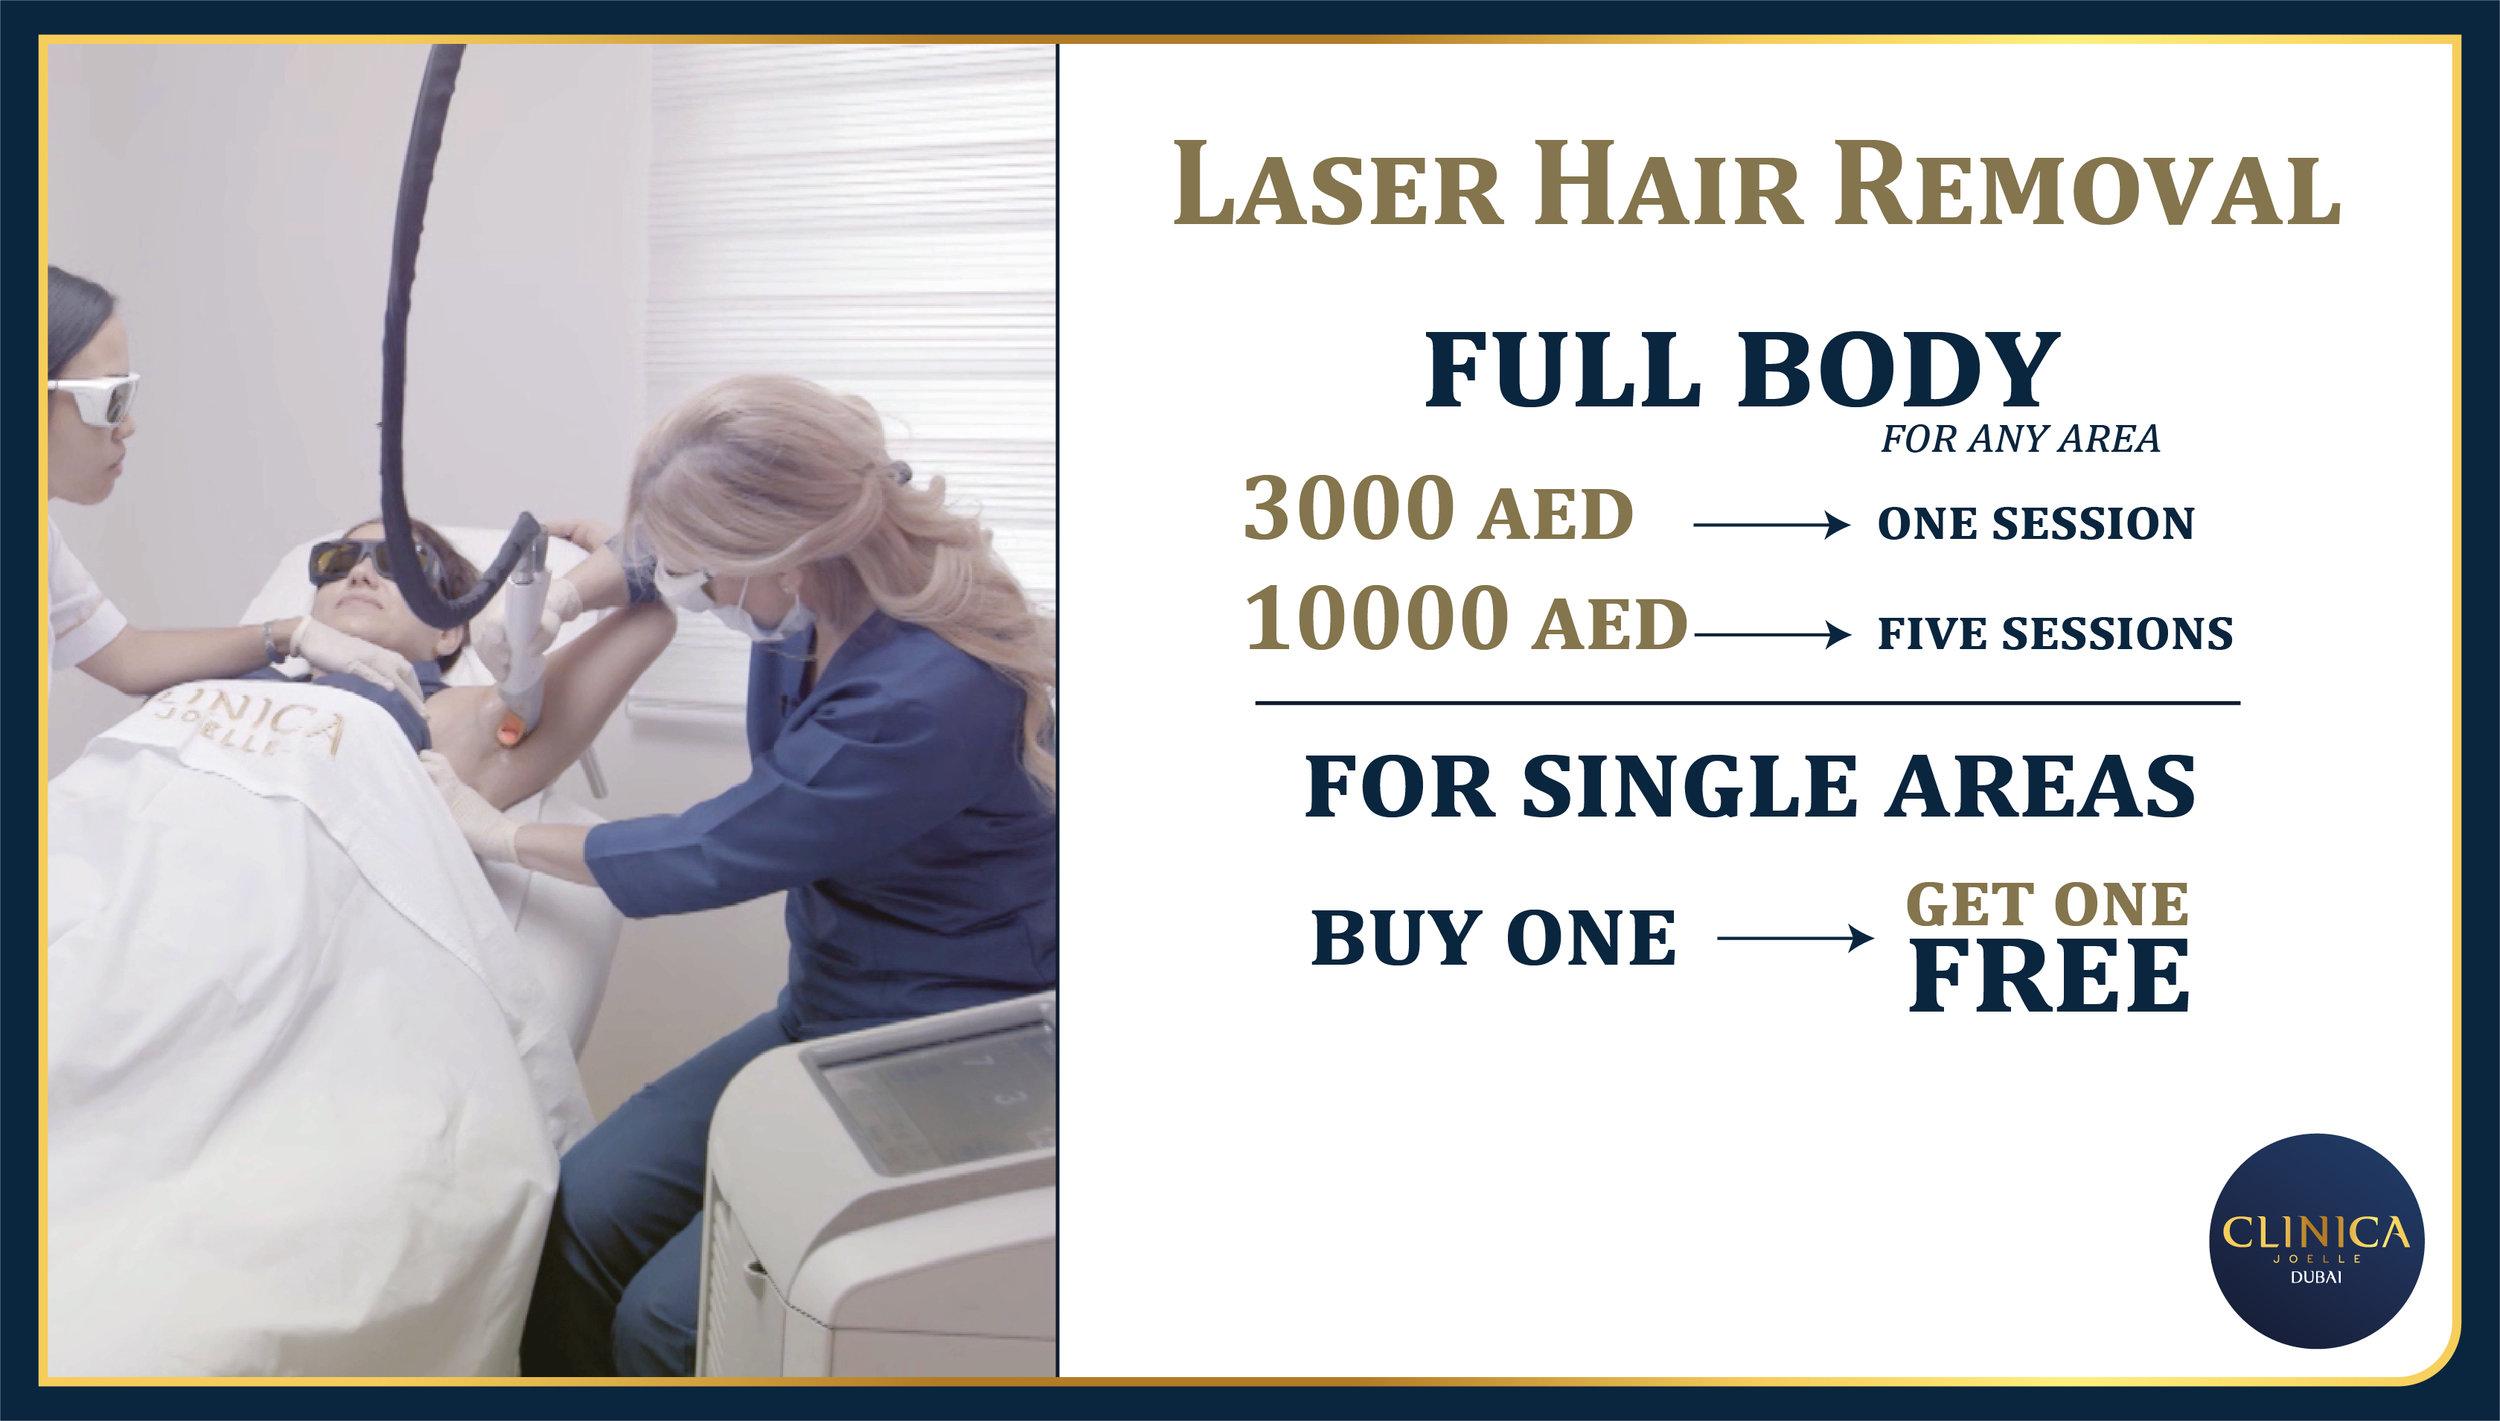 CJ | oct Offer-Dubai offers english_BAnner 1.jpg